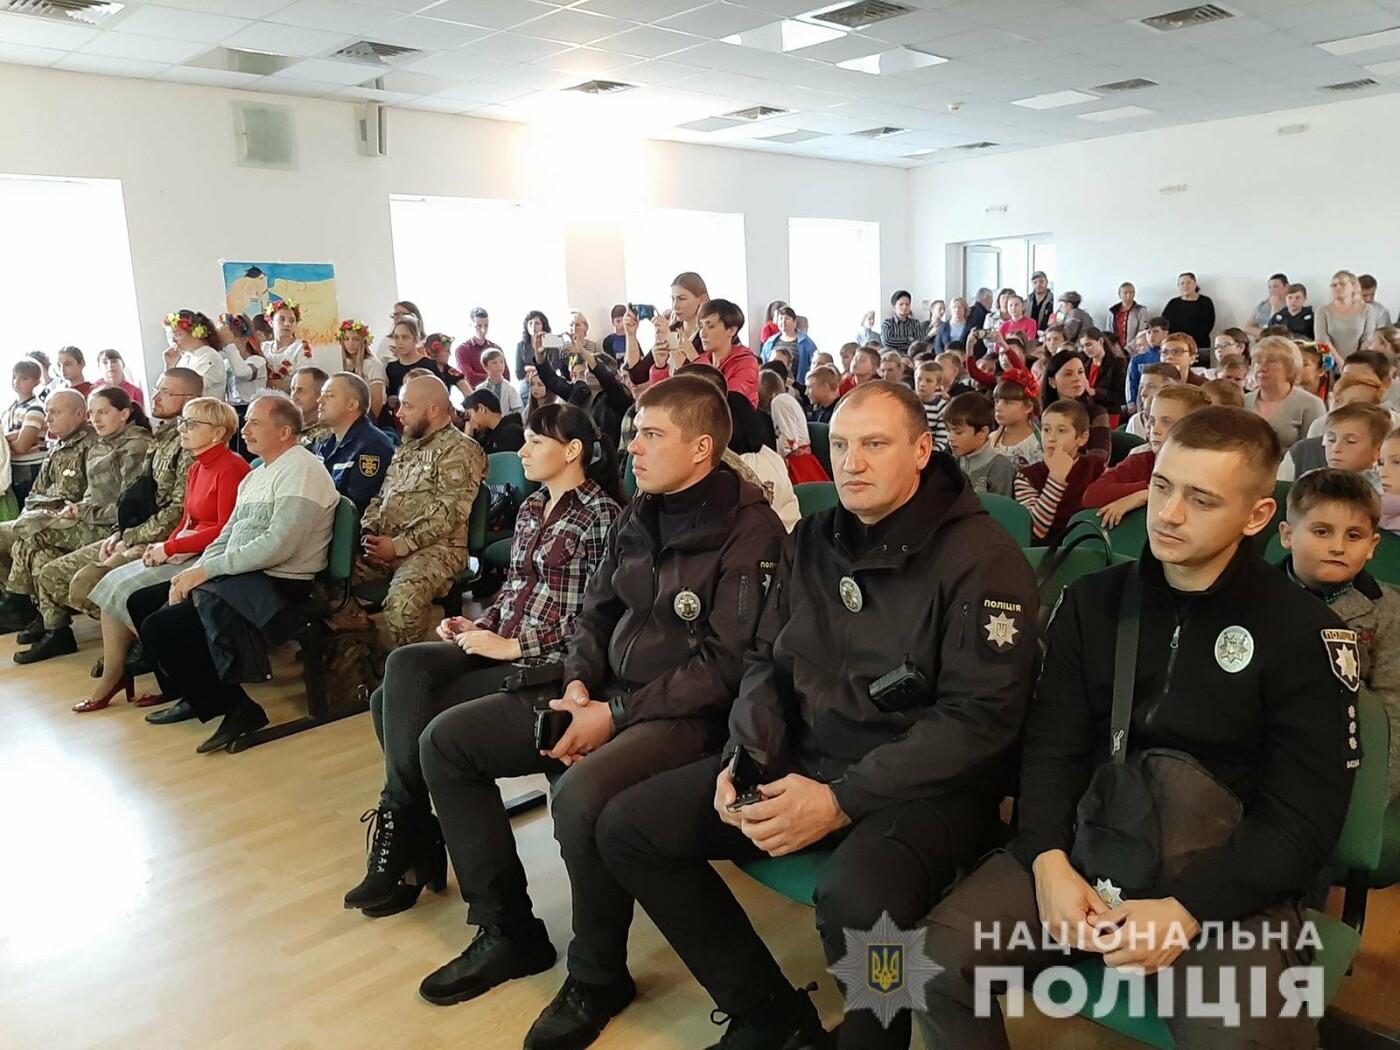 Полицейские и спасатели рассказали школьникам Мелитопольского района о своих профессиях, фото-1